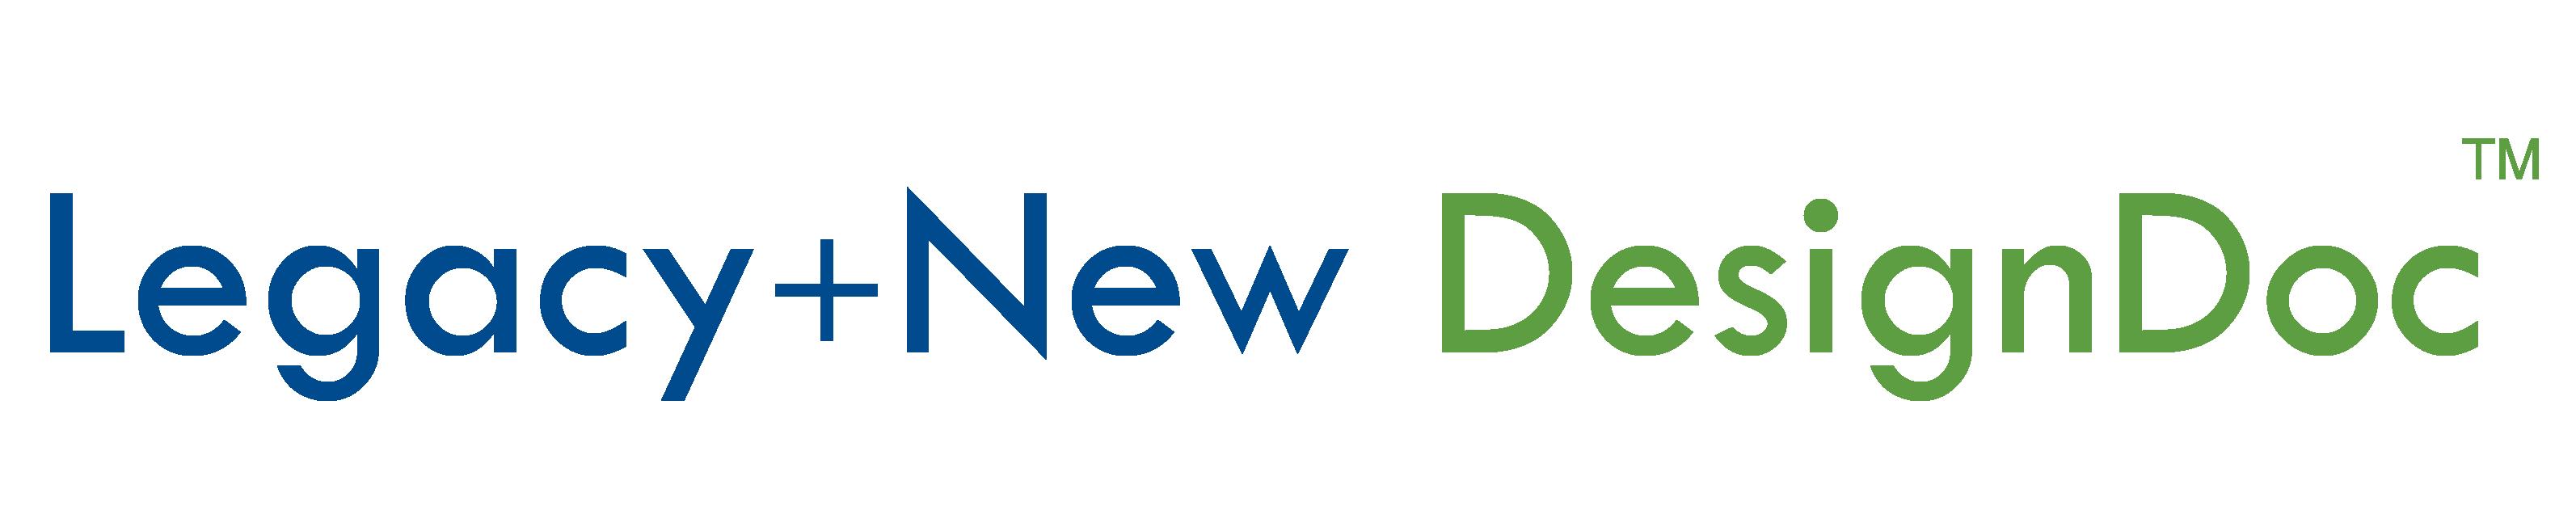 LegacyNew DesignDoc